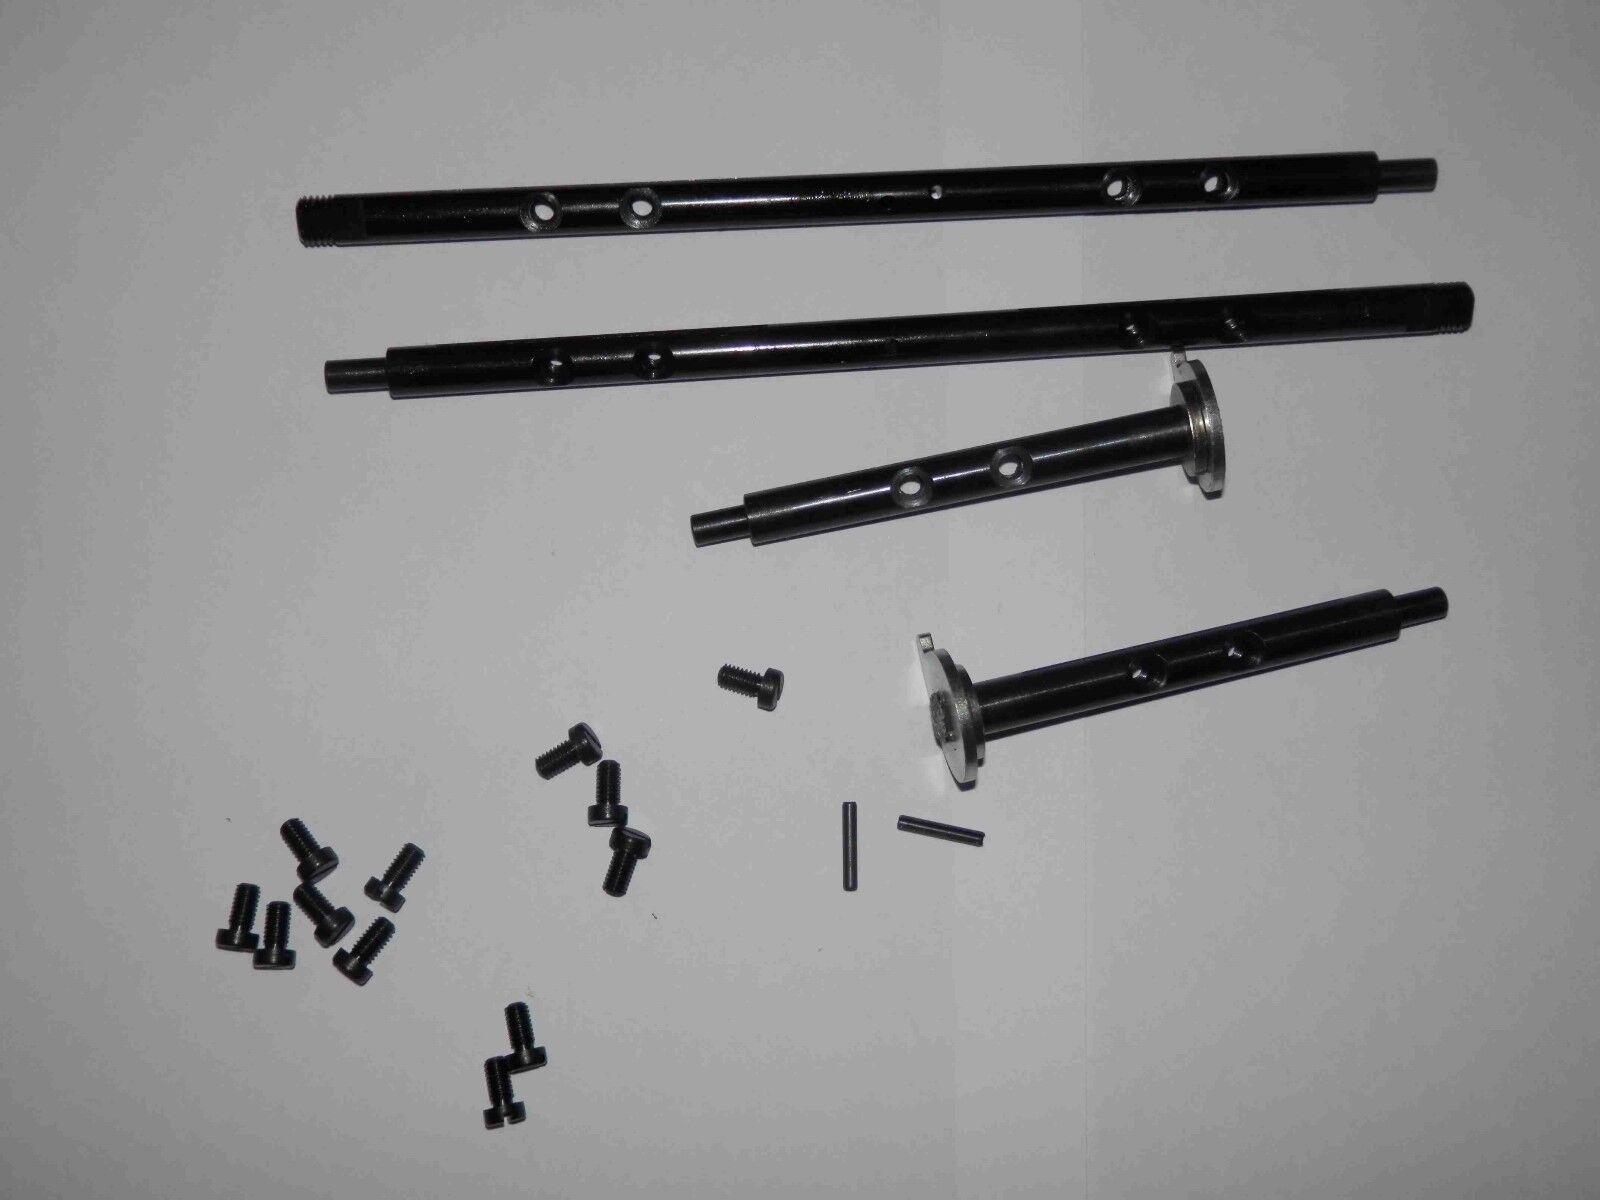 WEBER 40 IDA//IDT//IDTP 3 BBL CARBURETOR SHAFTS ENLARGED TO 8.2mm